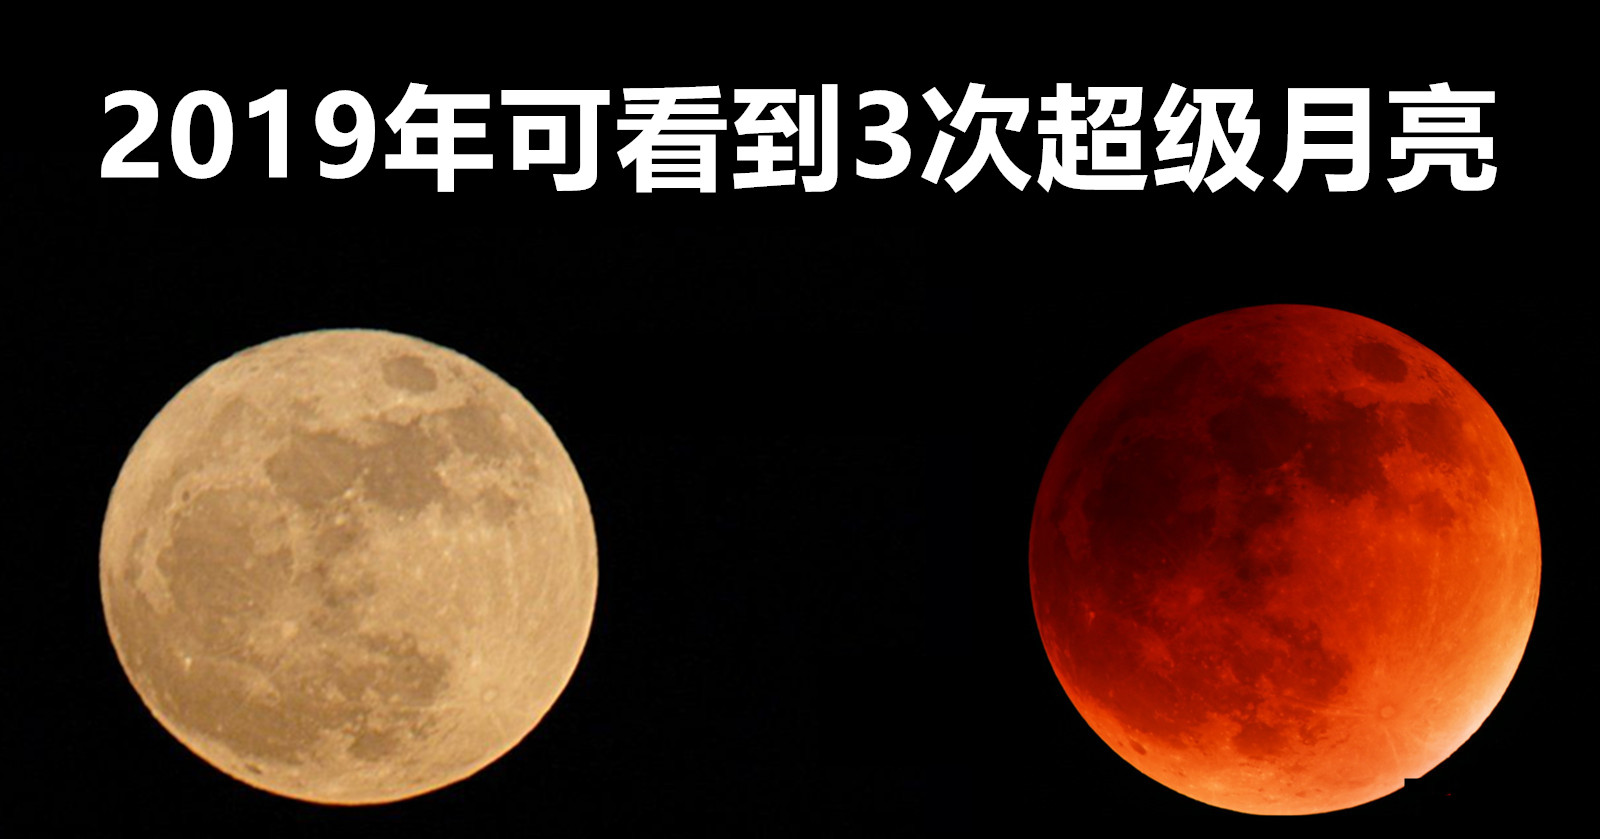 2019年可看到3次超级月亮 新 时代媒体